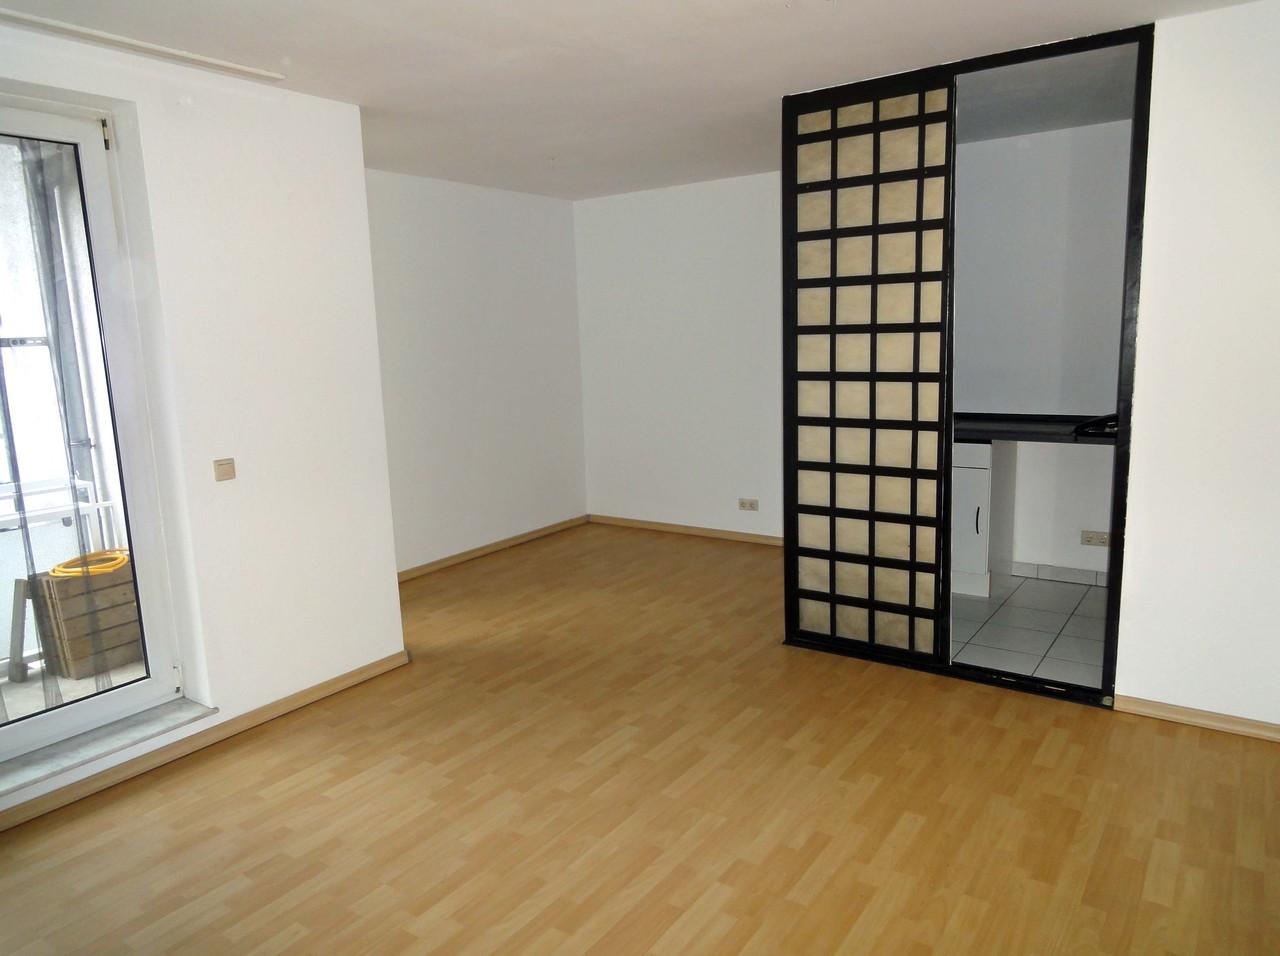 immobilien zur miete object plus immobilien eine. Black Bedroom Furniture Sets. Home Design Ideas